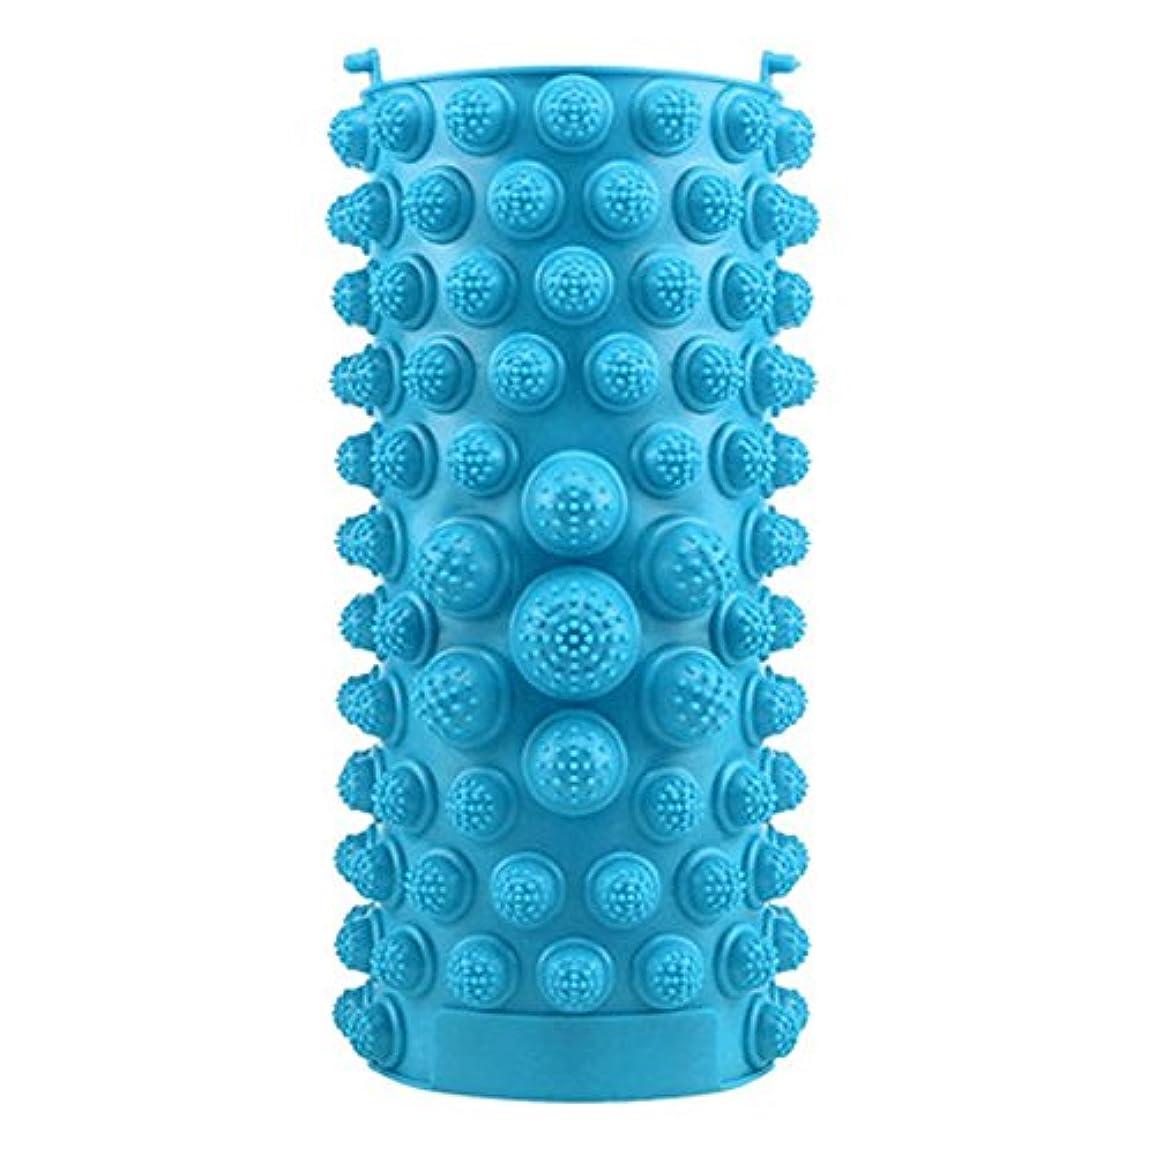 永遠のハッピー不倫YZRCRKFad's Dayギフトマッサージクッション子供ホームマッサージクッションフットマッサージクッション鍼灸ポイントフットパッドマッサージクッション (色 : 青)